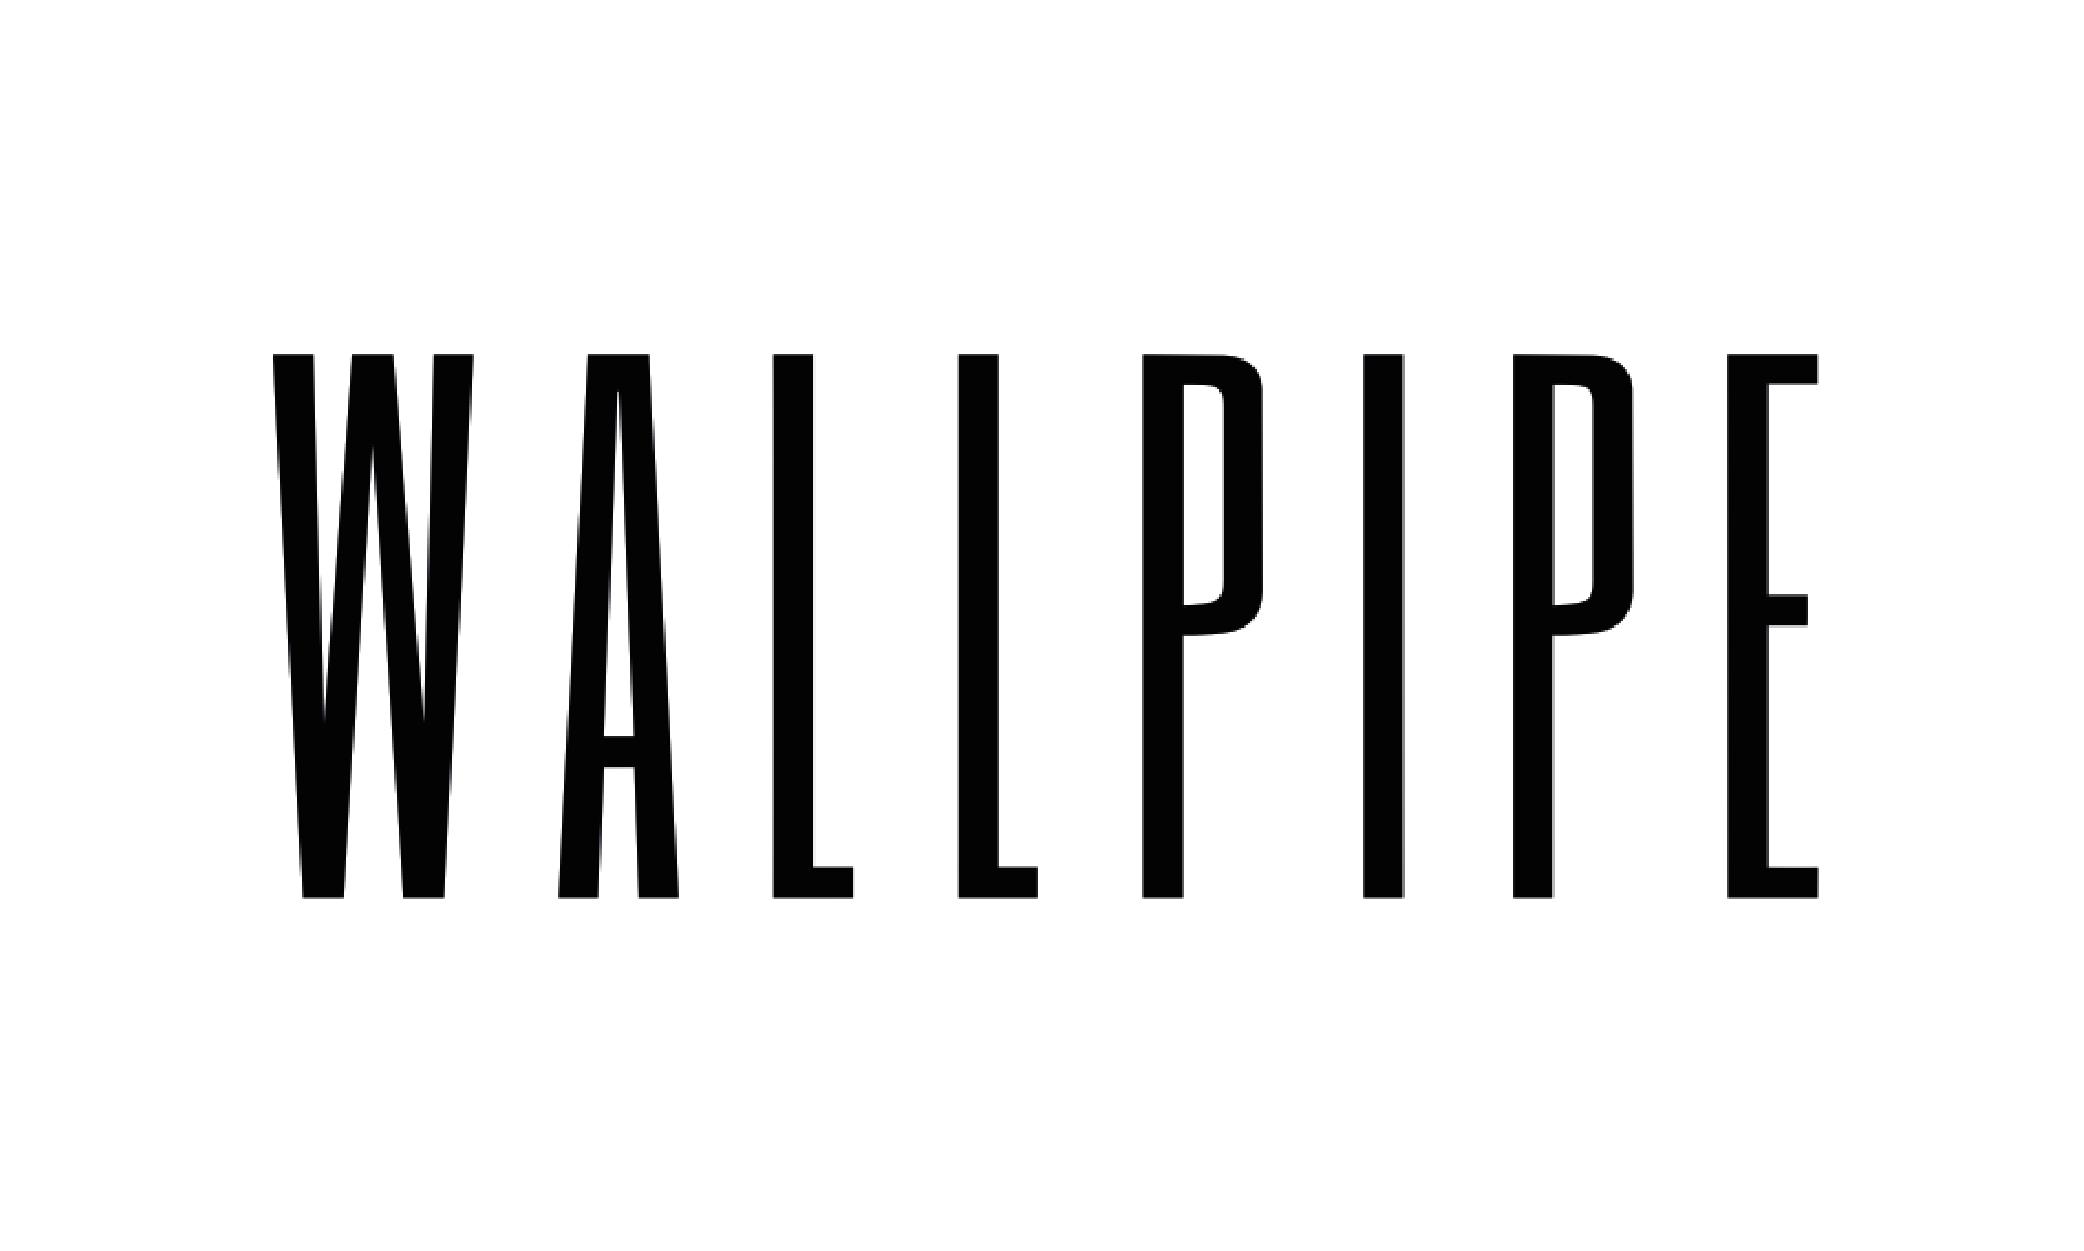 Wallpipe, find dit Bizz Up Magasin, Distribution, find magasin, Bizz Up, Bizzup.dk